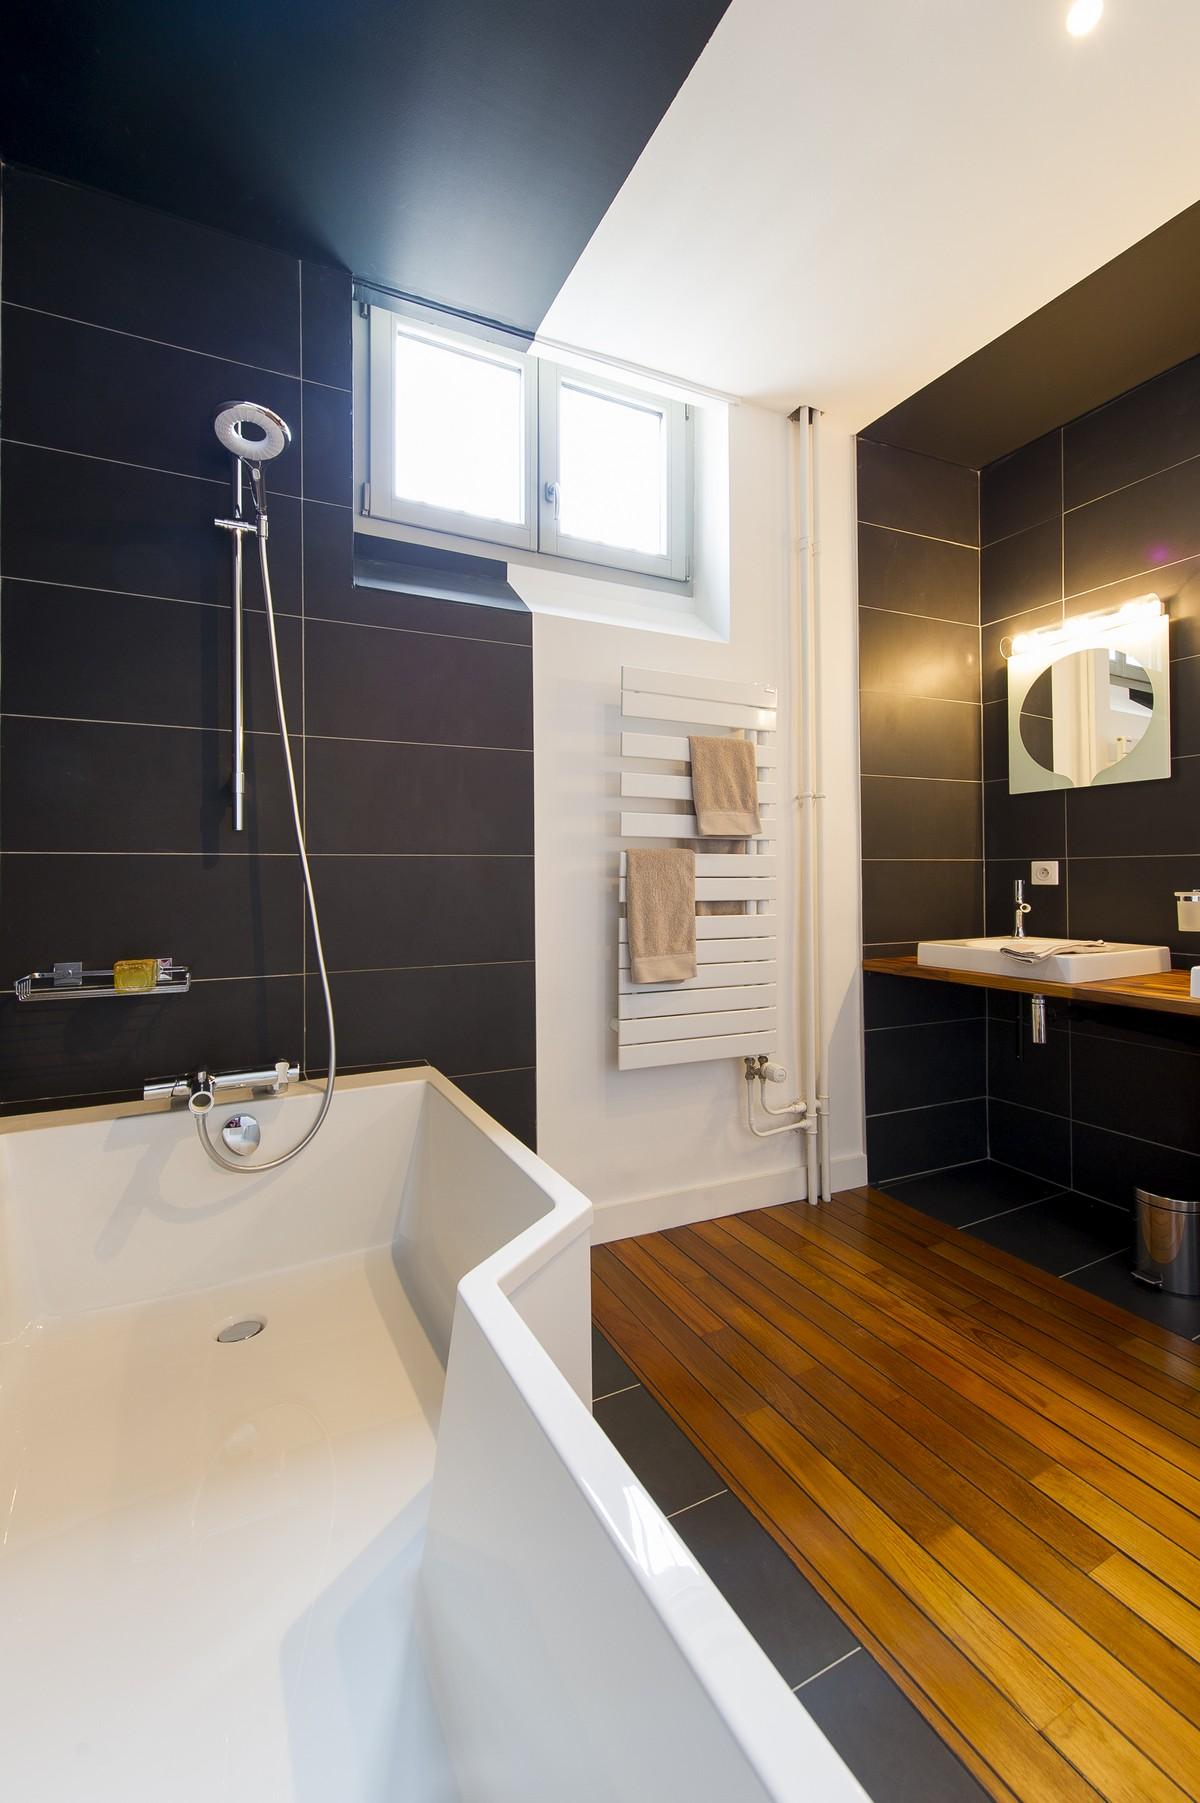 Atelier d 39 architecture aur lie nicolas architecte lyon for Chambre d hote rousset 13